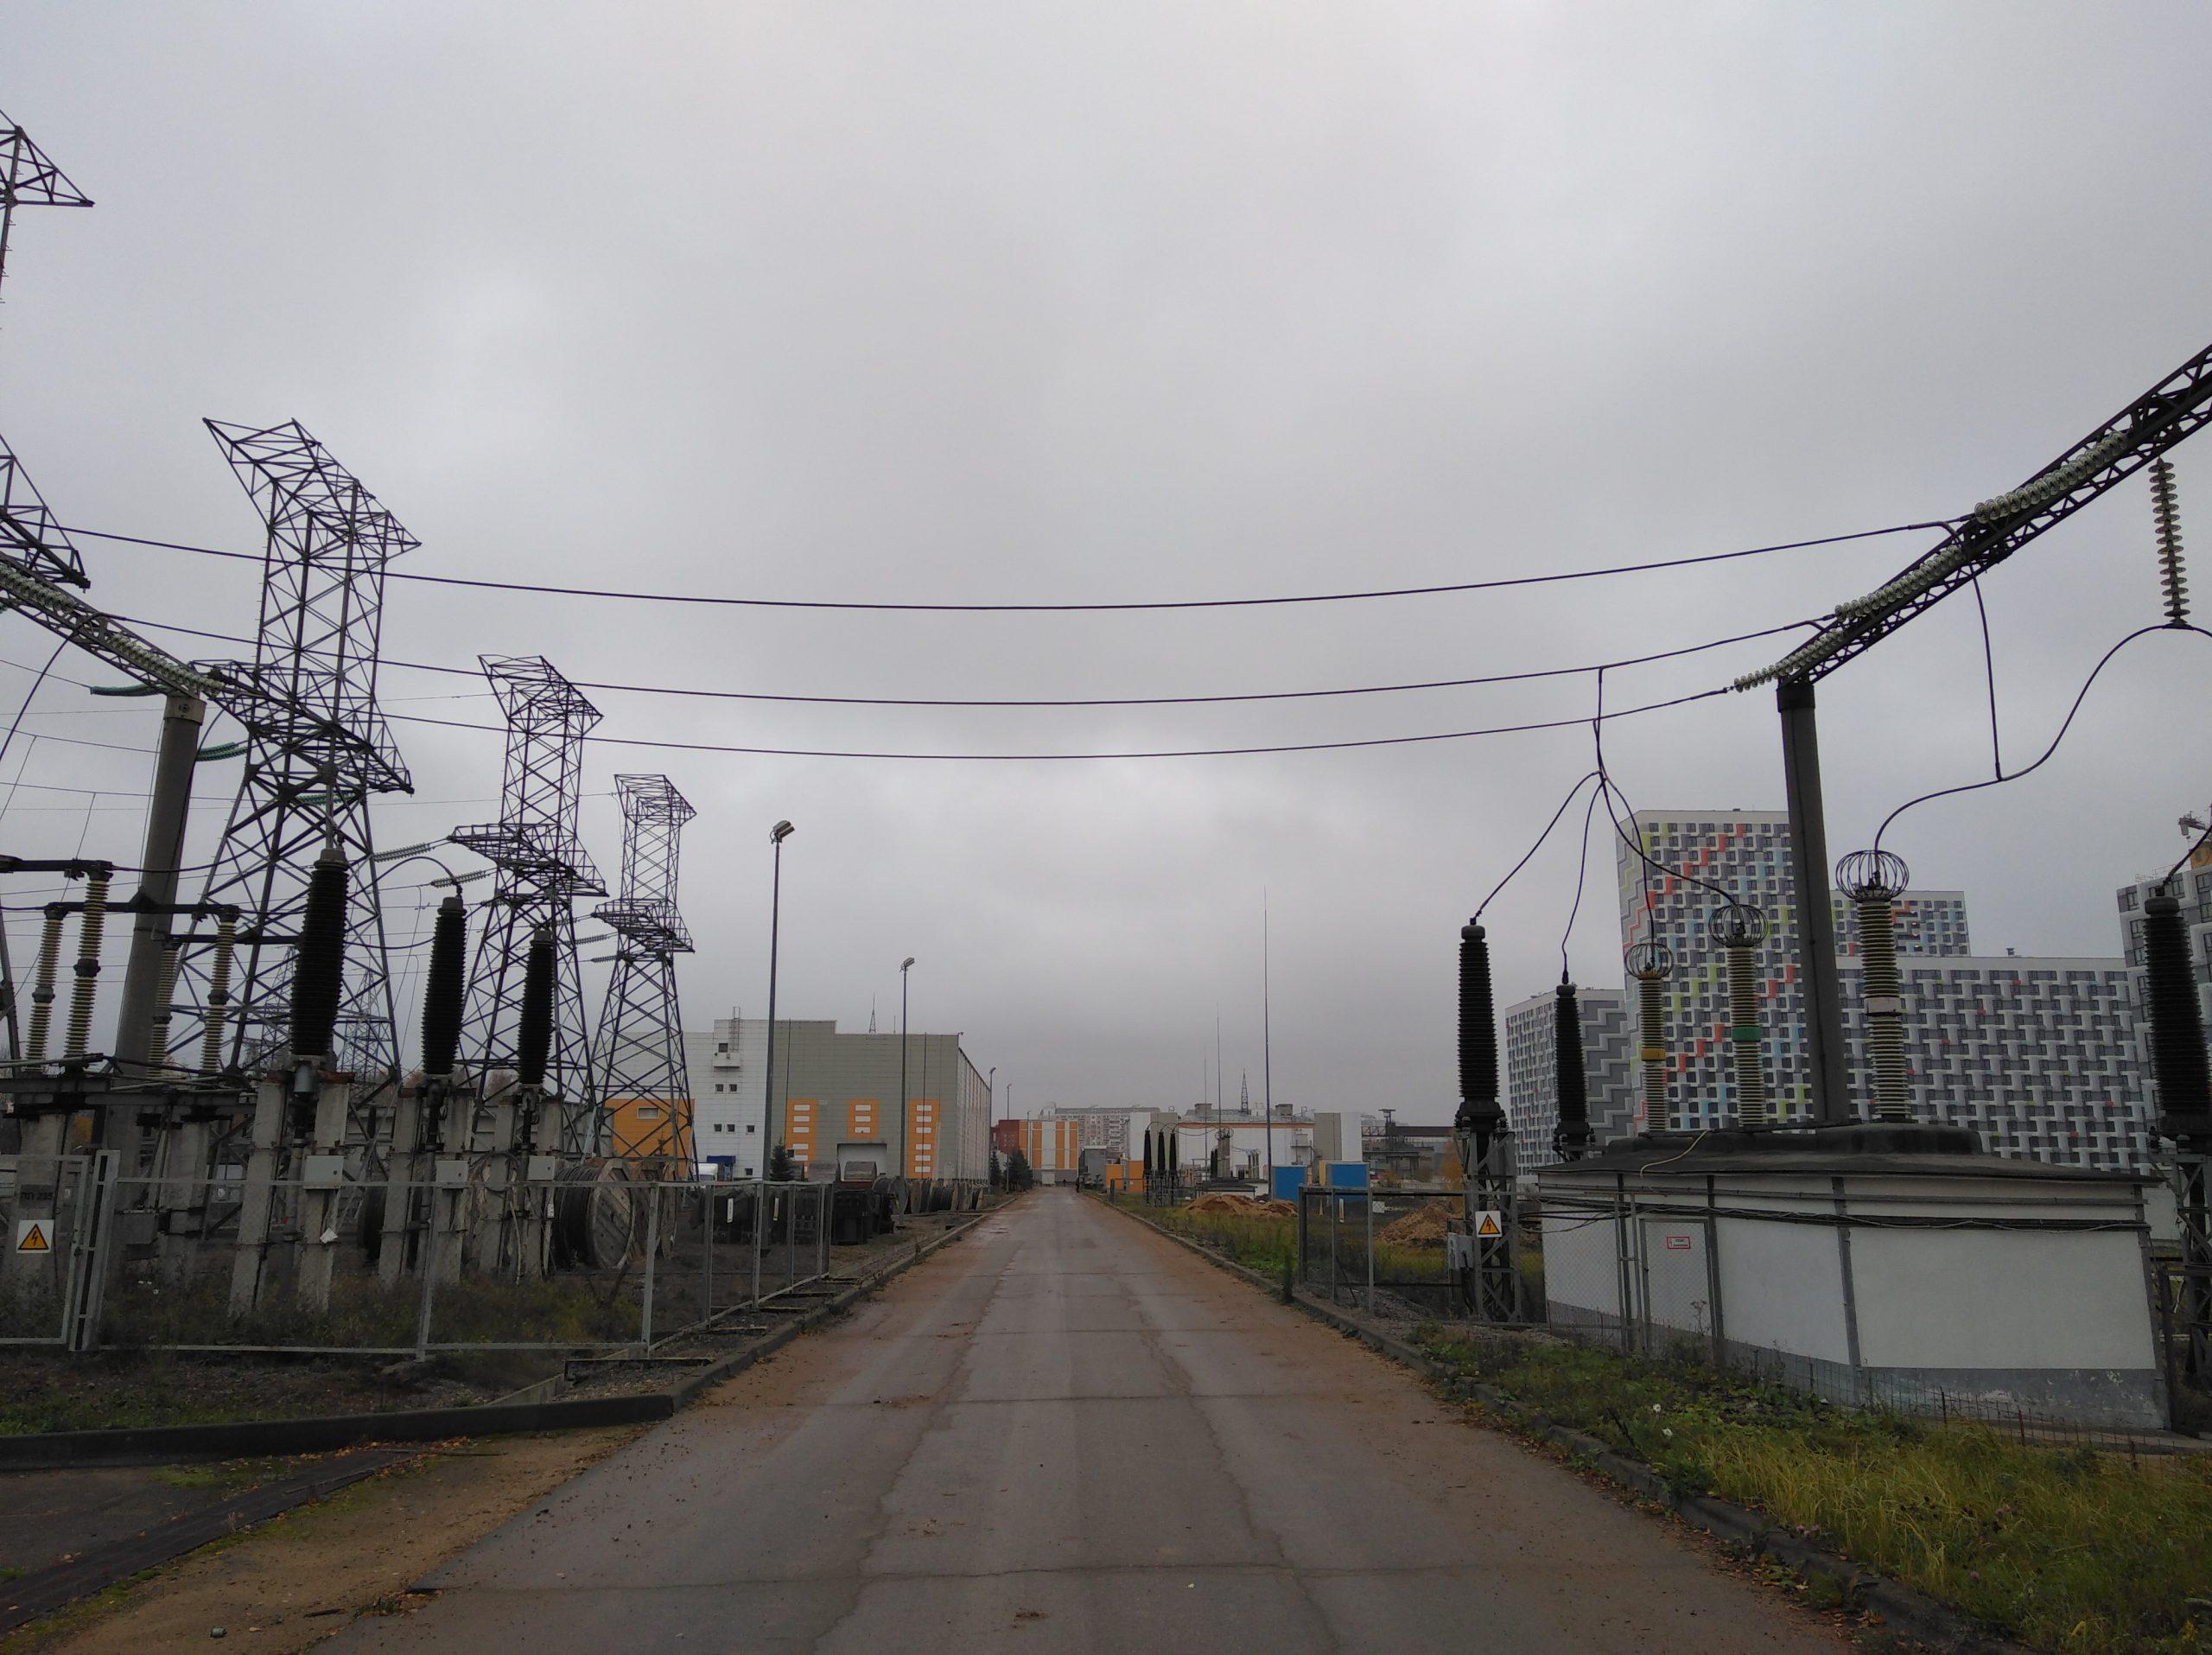 Введена в эксплуатацию электроподстанция № 505 «Бескудниково» 500 кВ для нужд АО «ЦИУС ЕЭС» - ЦИУС